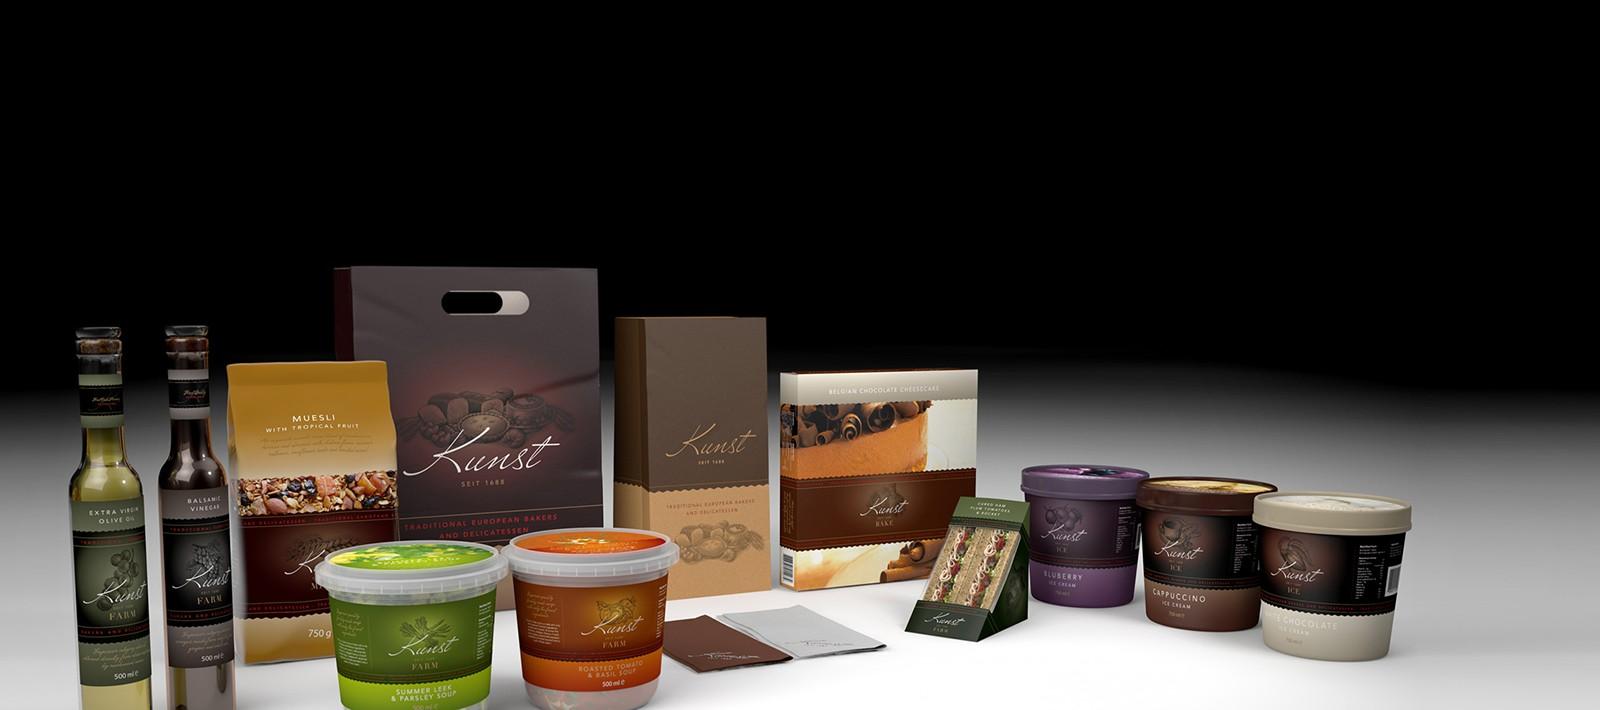 Kunst-food-brand-identity-2